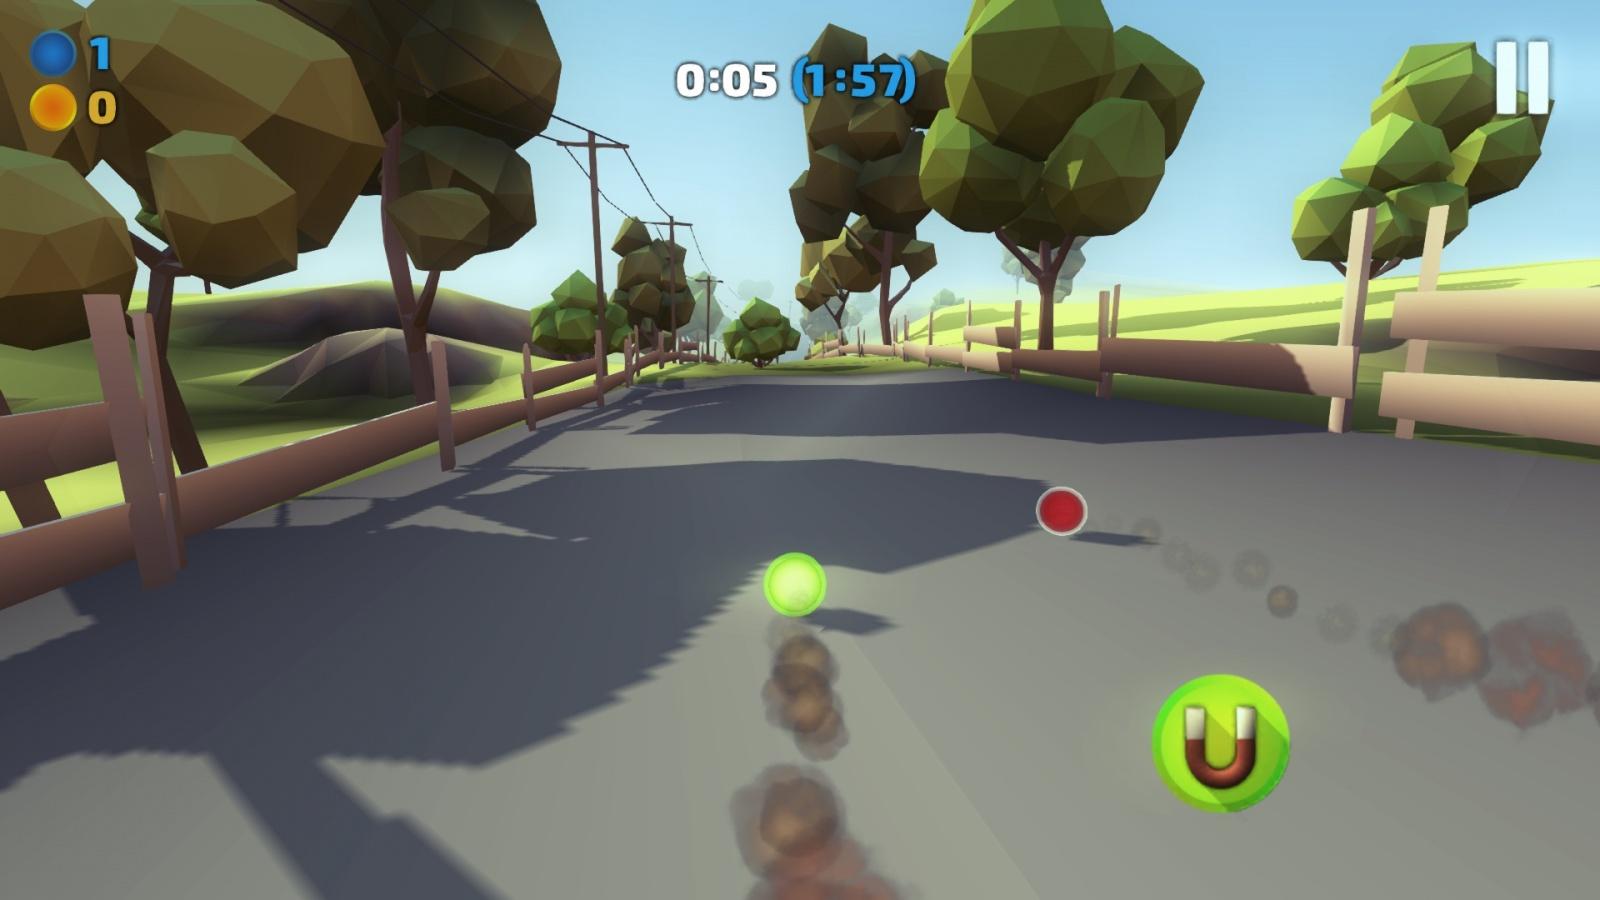 История создания второй игры на Unity (или как я нашел силы после первого провала) - 2